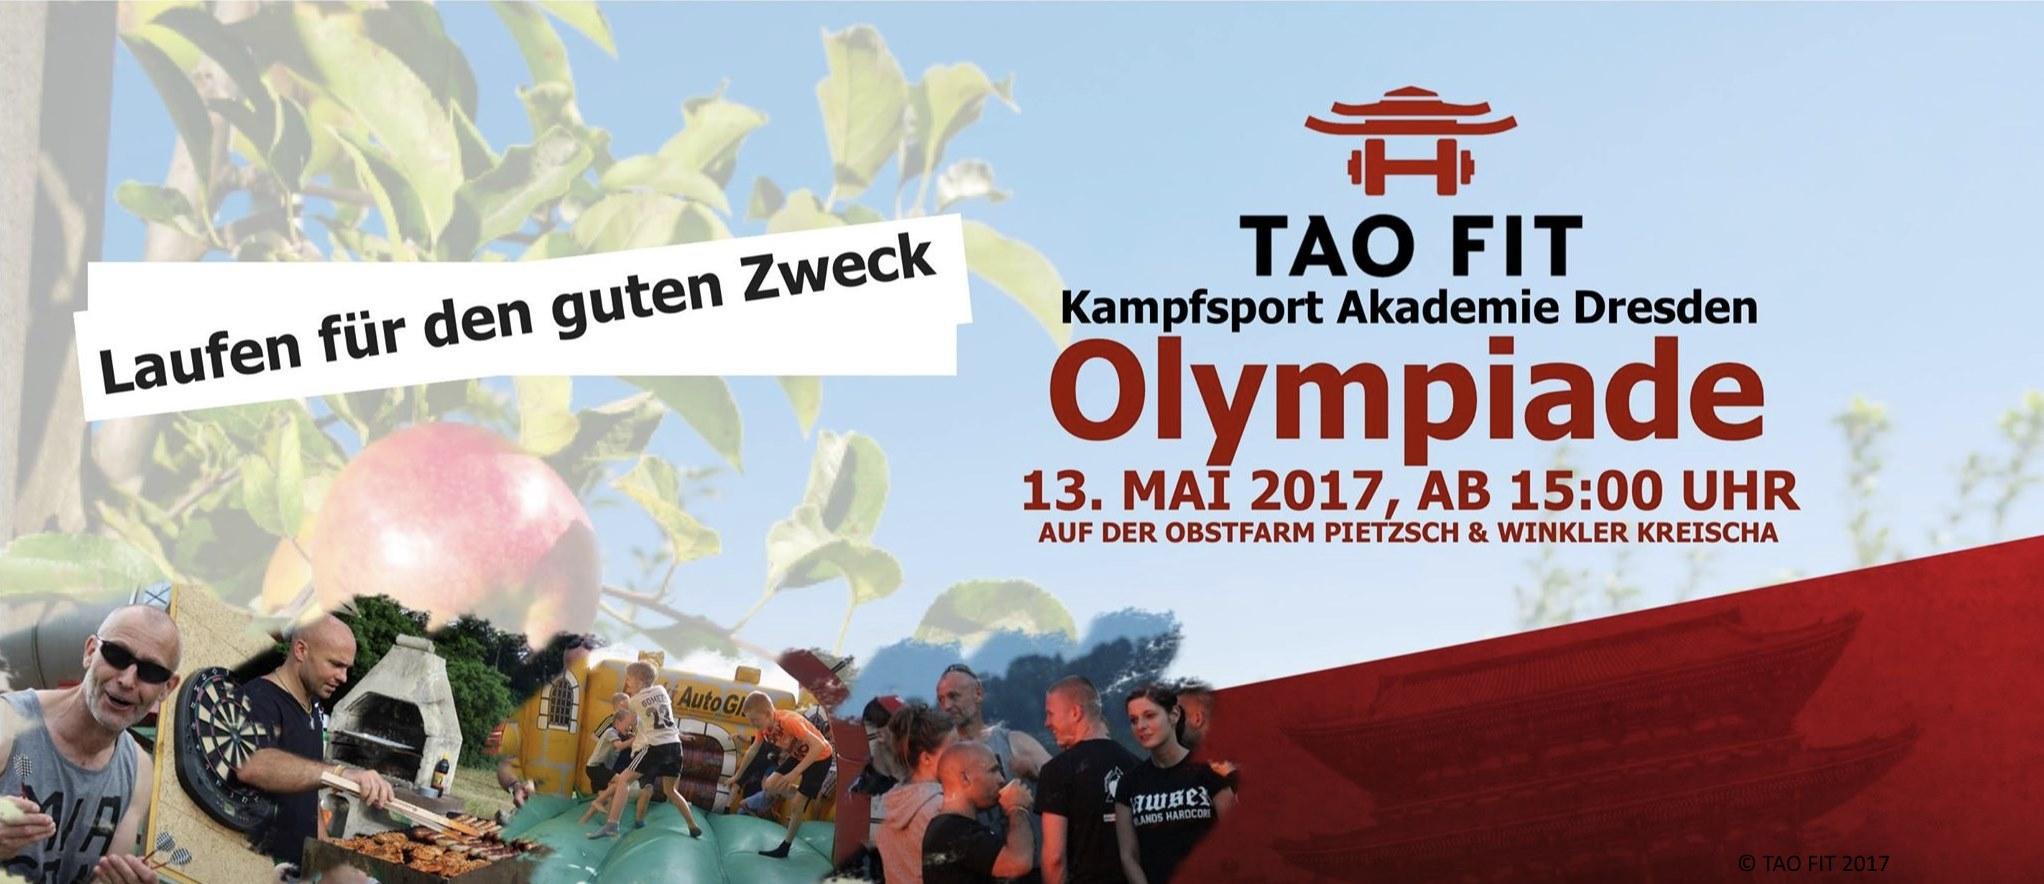 Werbung für TAO FIT Olympiade